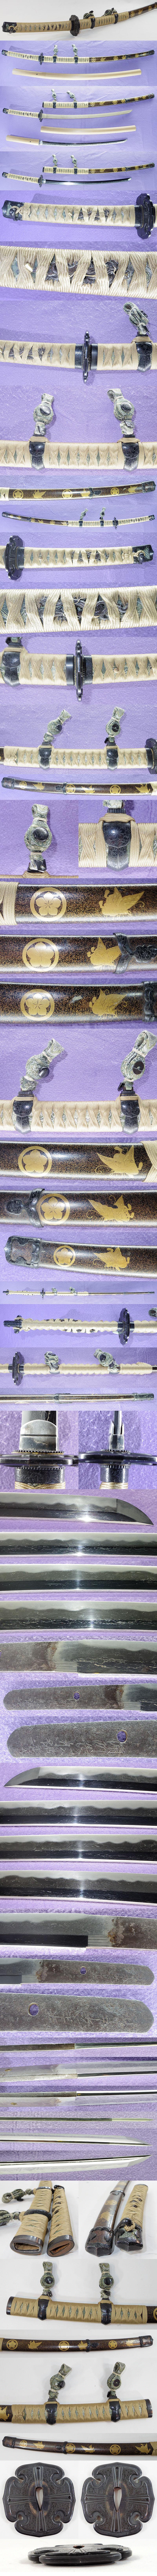 備州長船祐定 Picture of parts